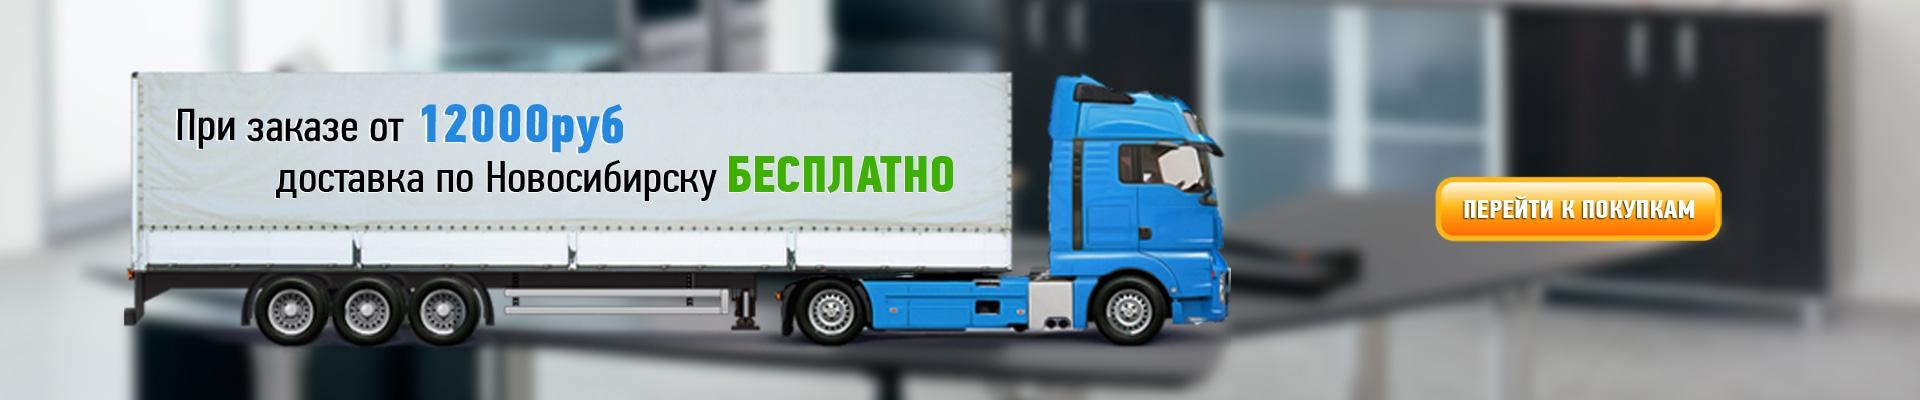 Интернет магазин мебели в Новосибирске